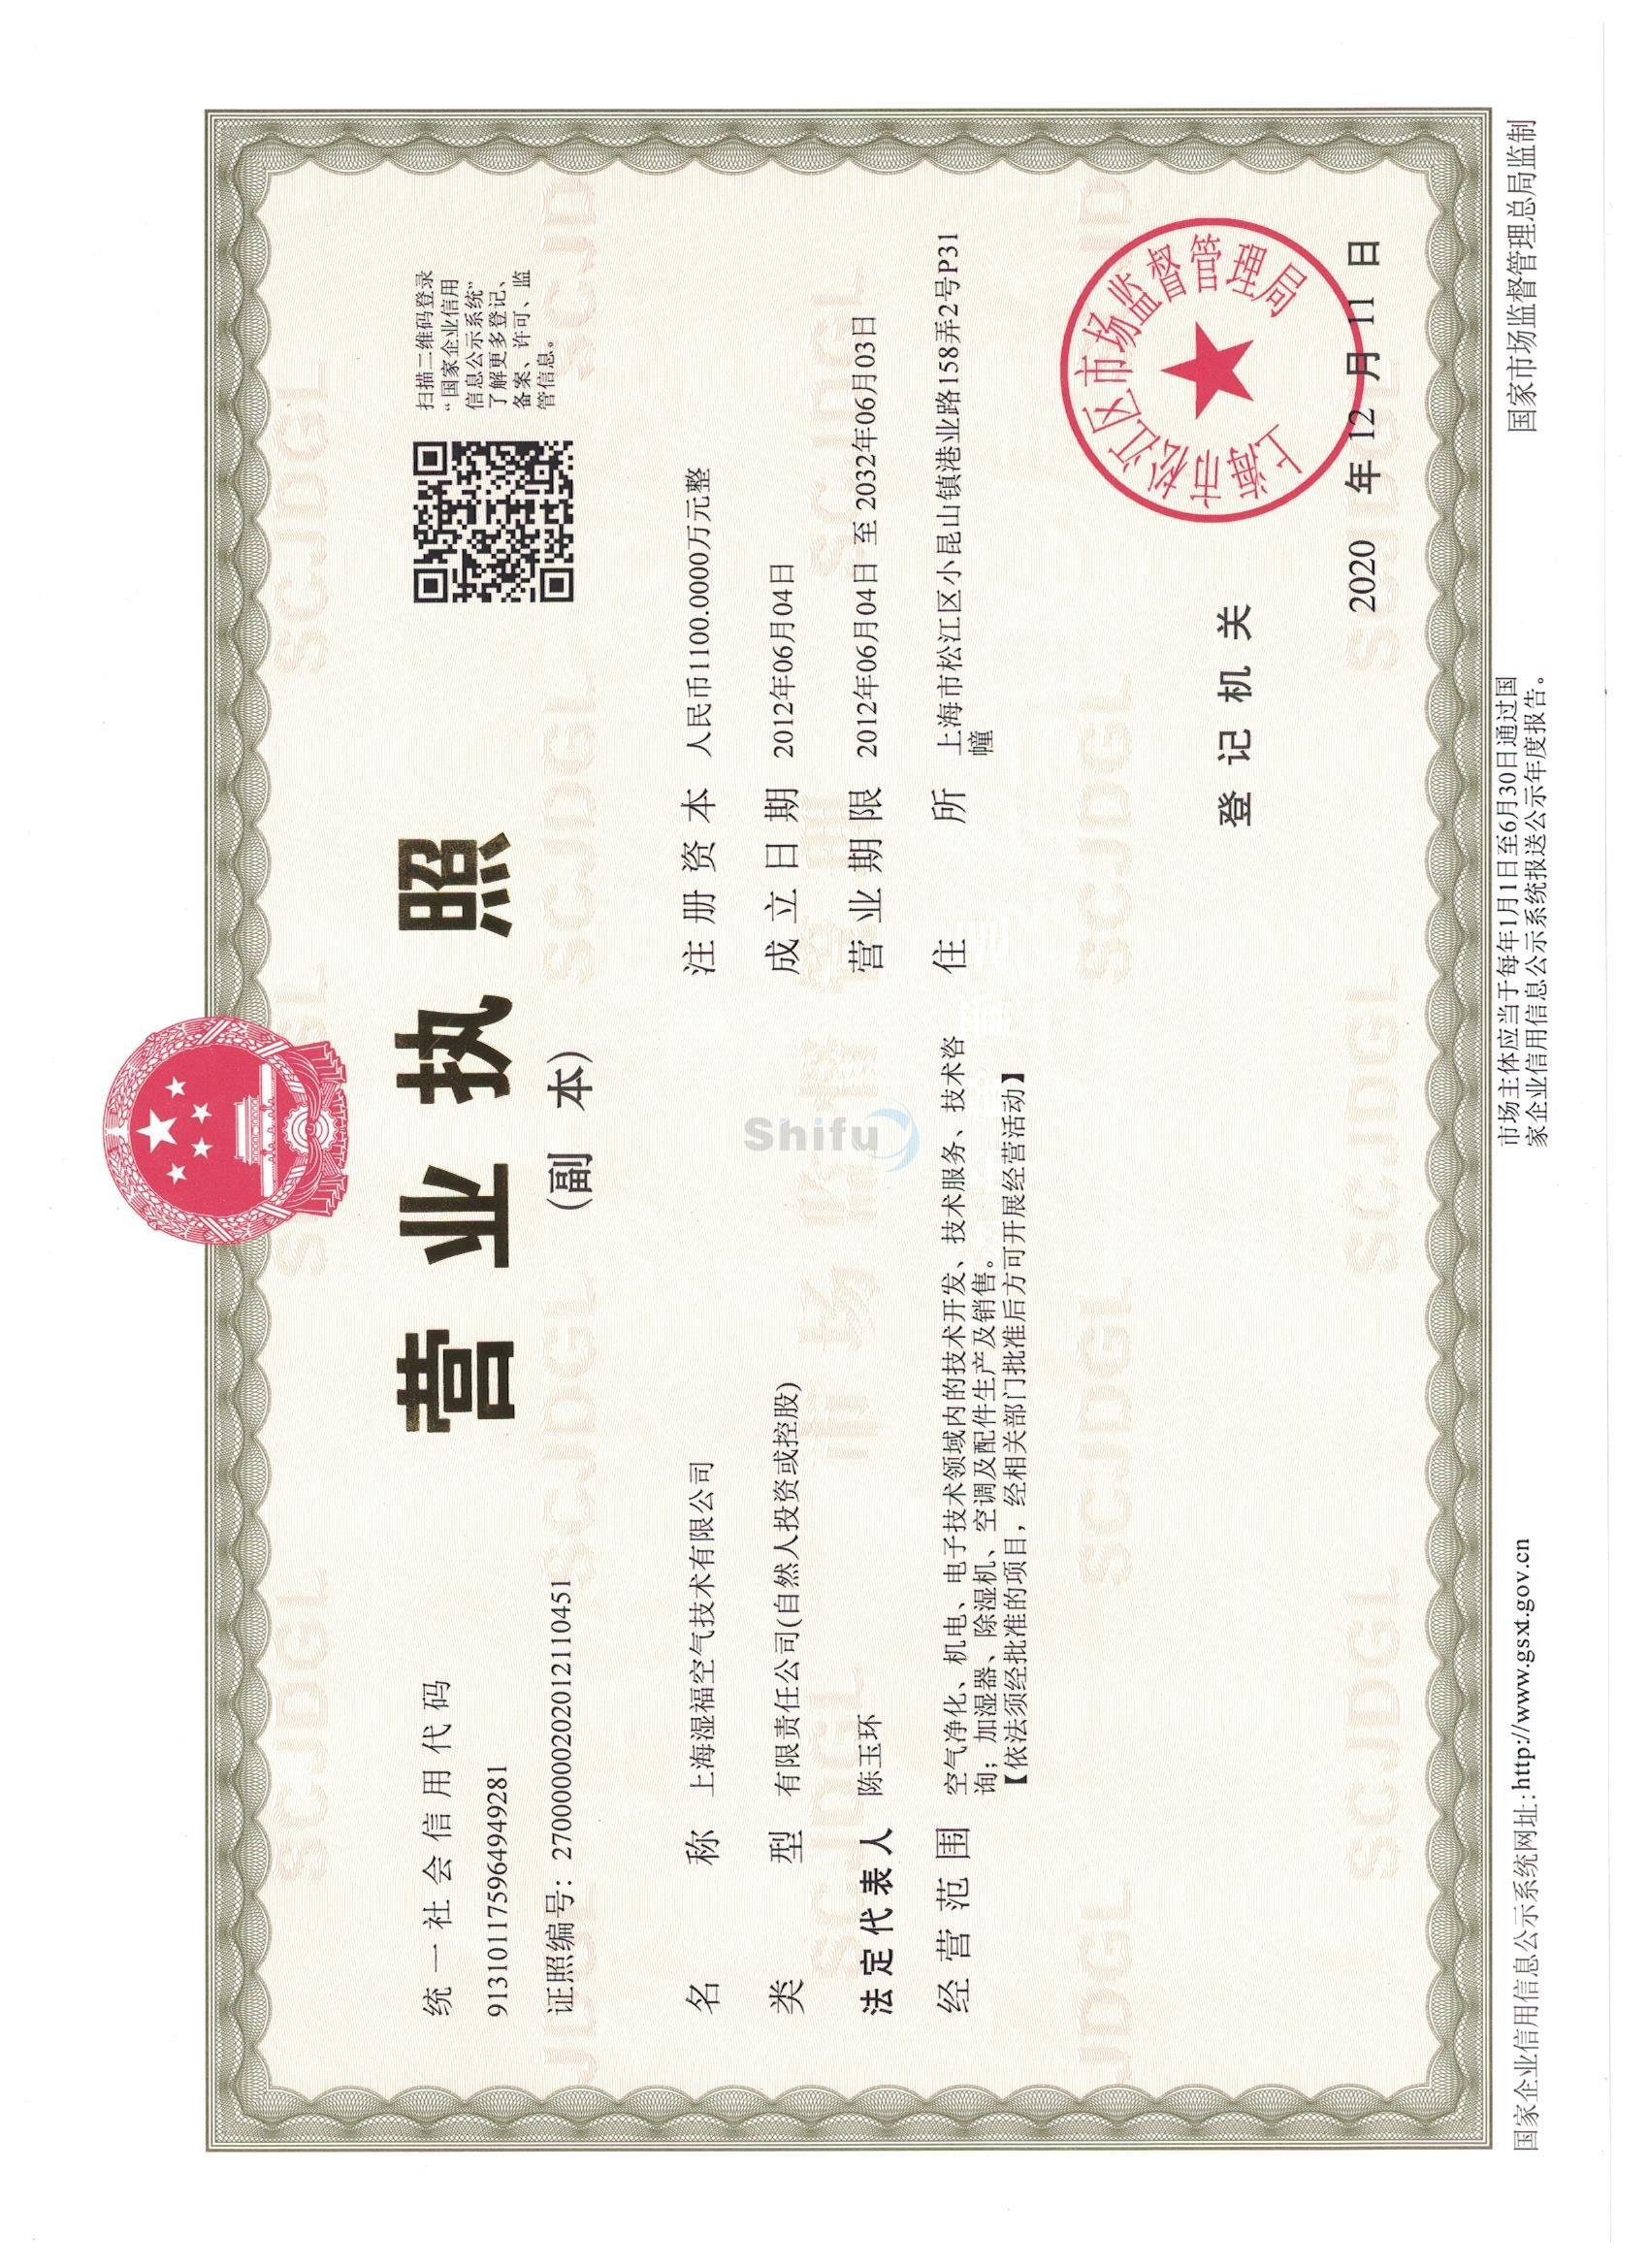 上海湿福营业执照.jpg